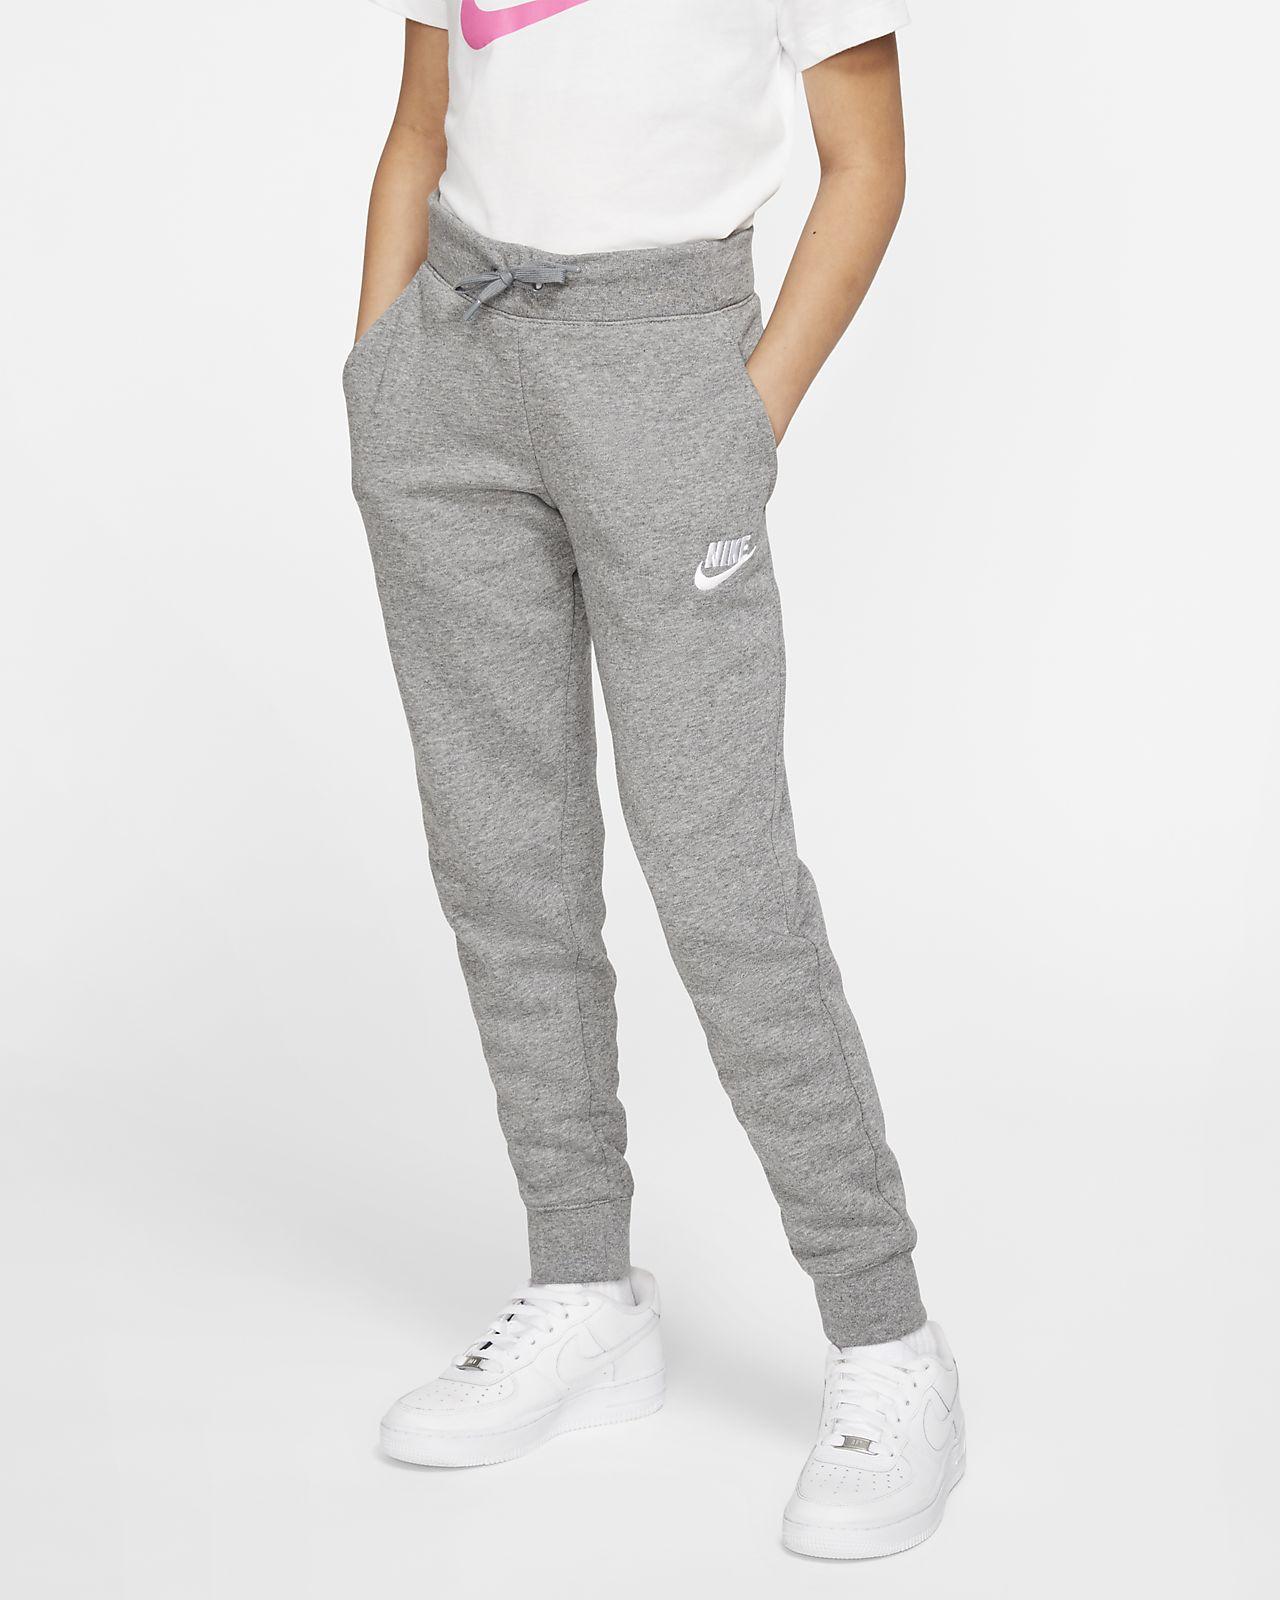 Pantalon Nike Sportswear pour Fille